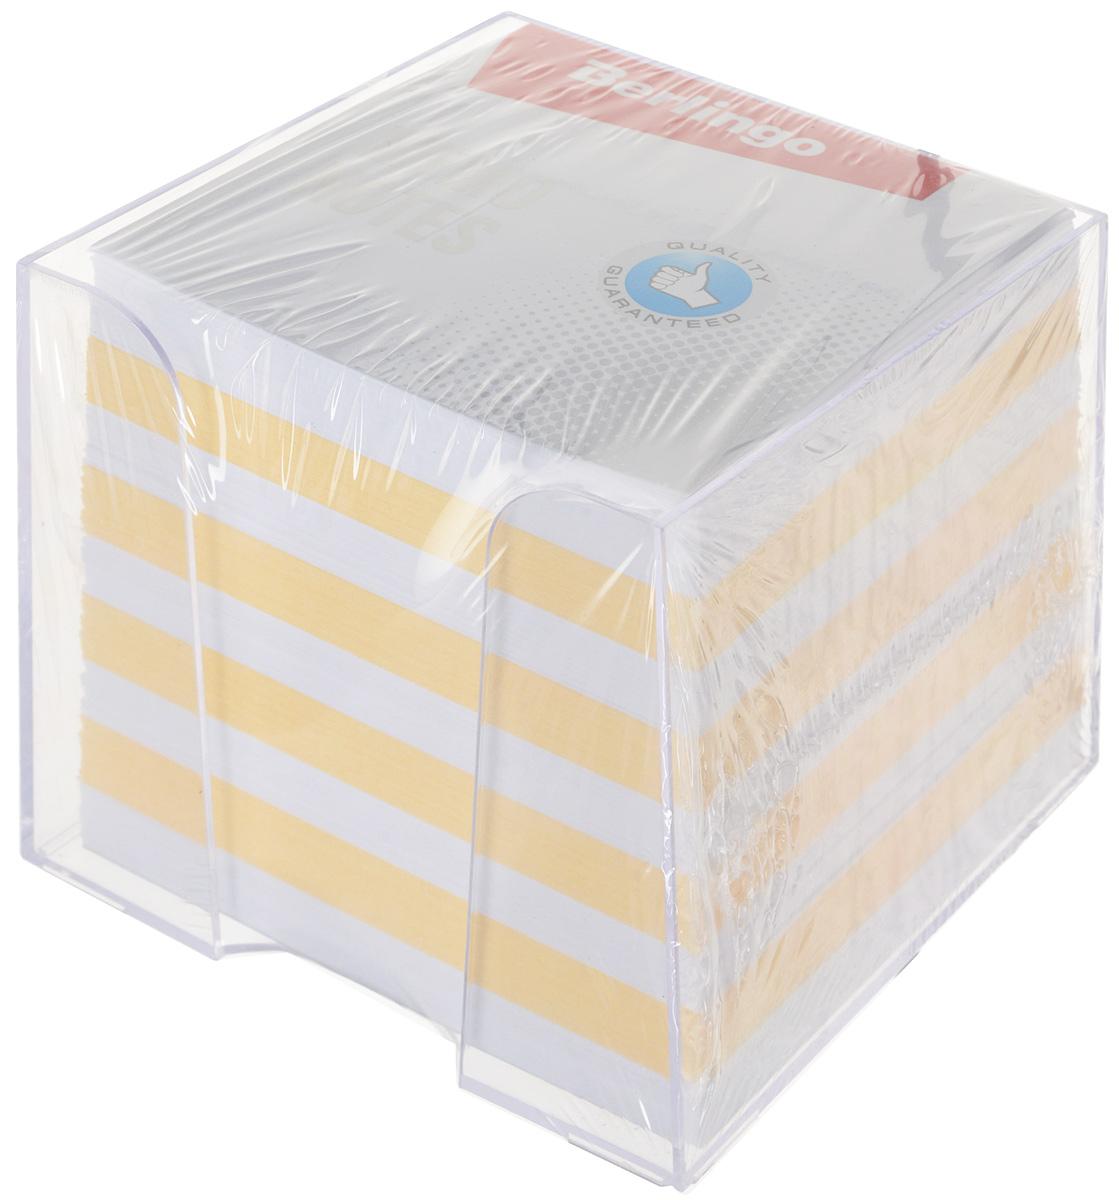 Berlingo Бумага для заметок Standard 9 х 9 х 9 см в пластиковой подставке цвет белый желтый 1000